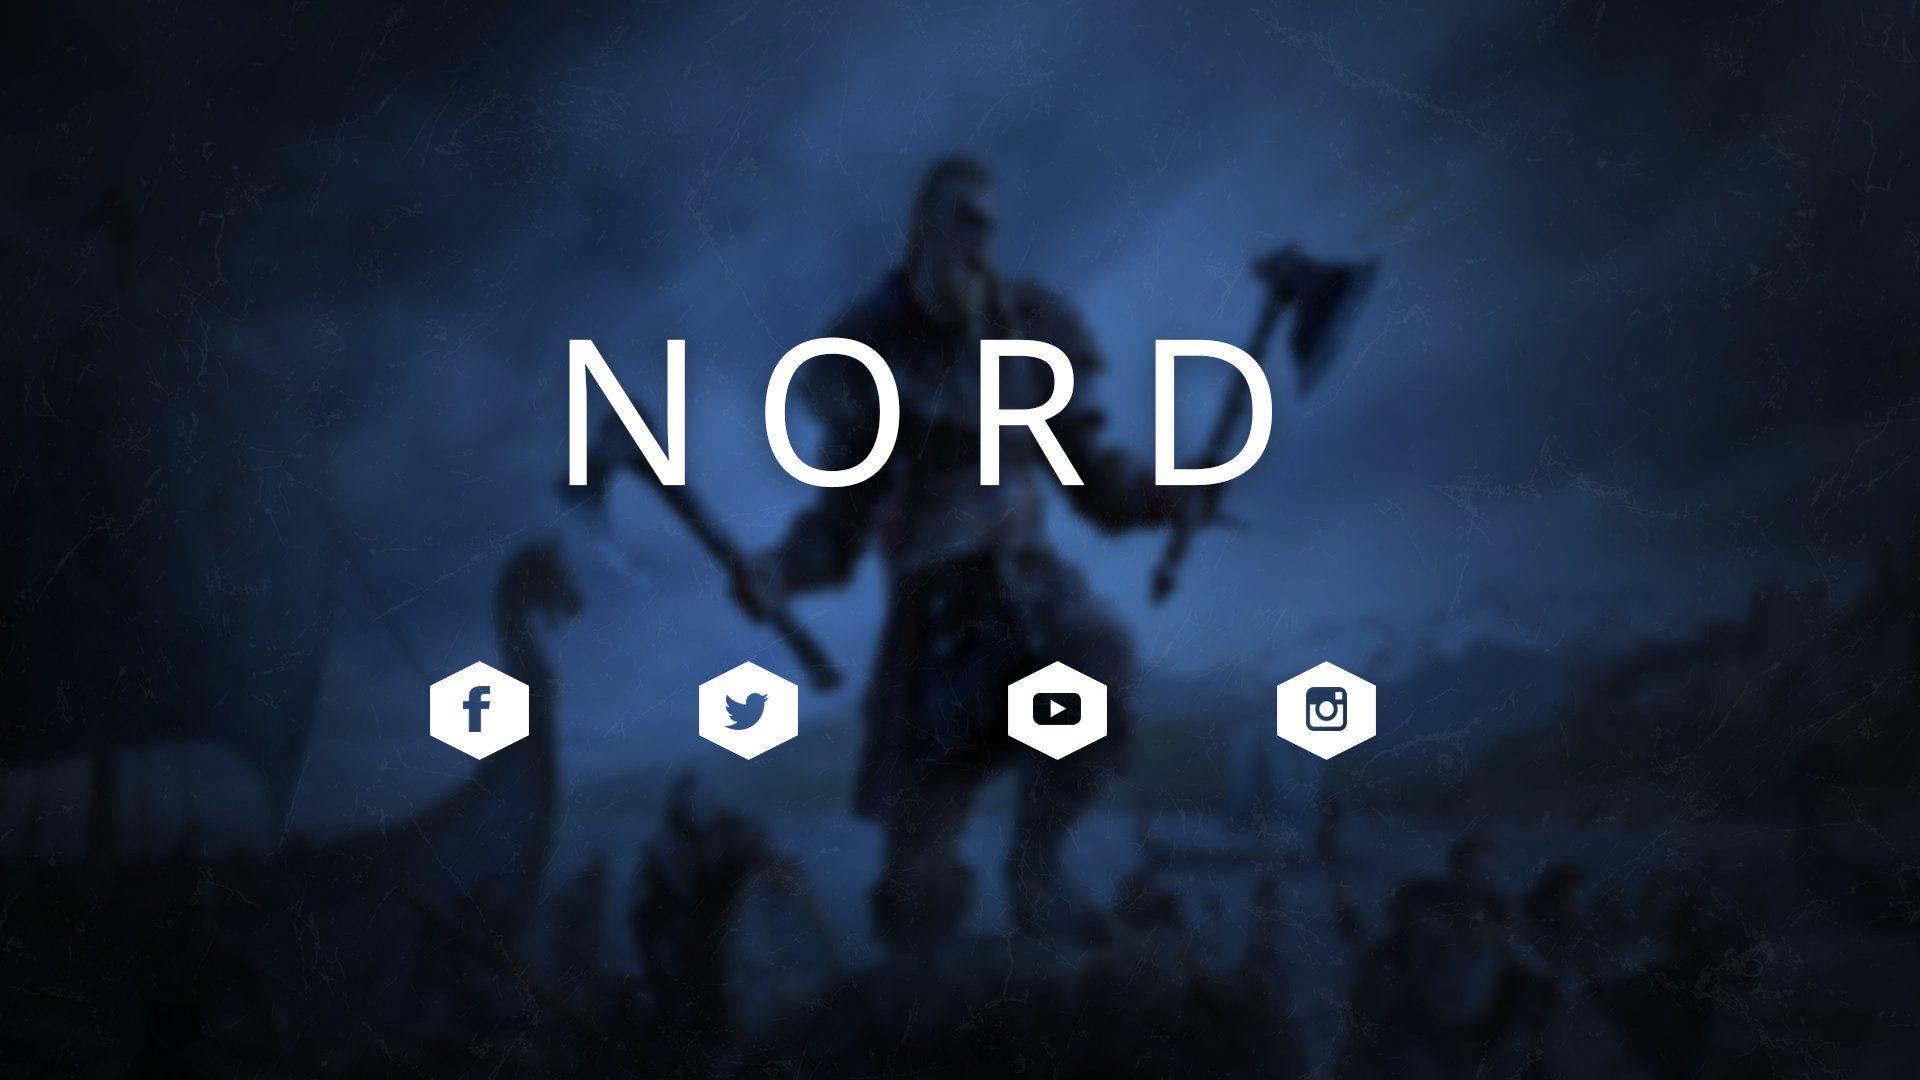 nordd.jpg